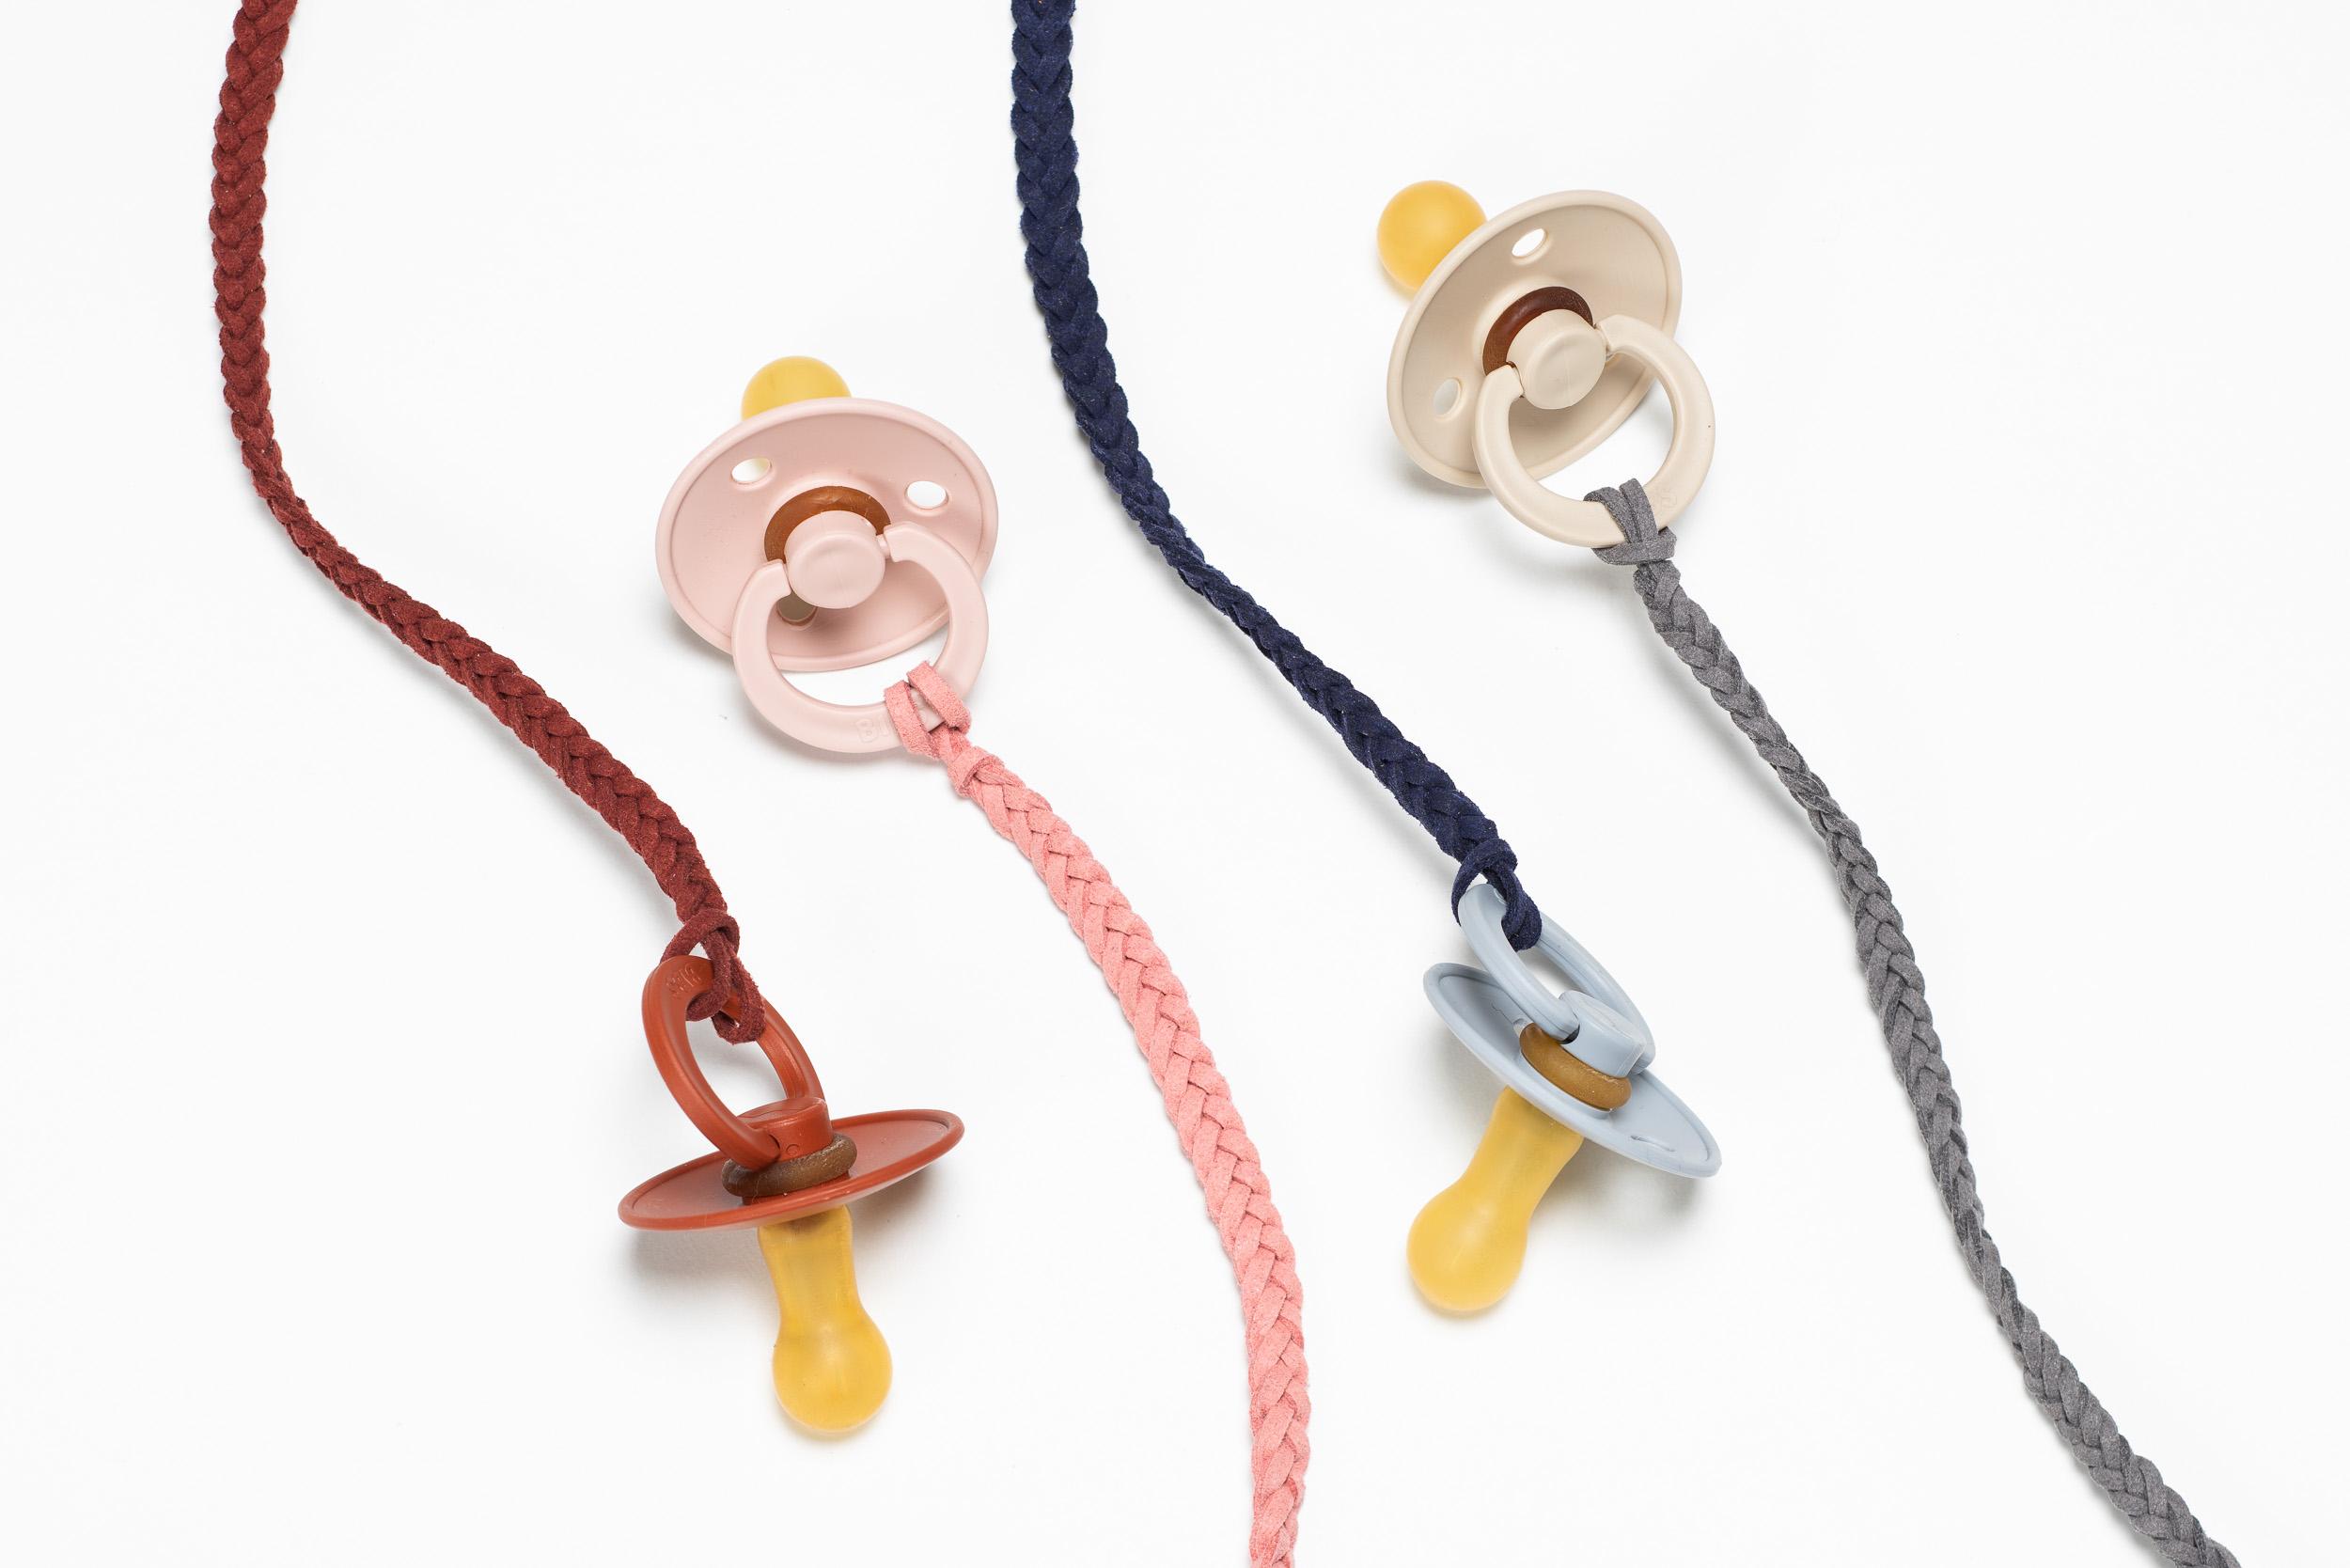 Die handgemachten Schnullerbänder werden von Tiny Totsies aus Lederbändern geflochten.